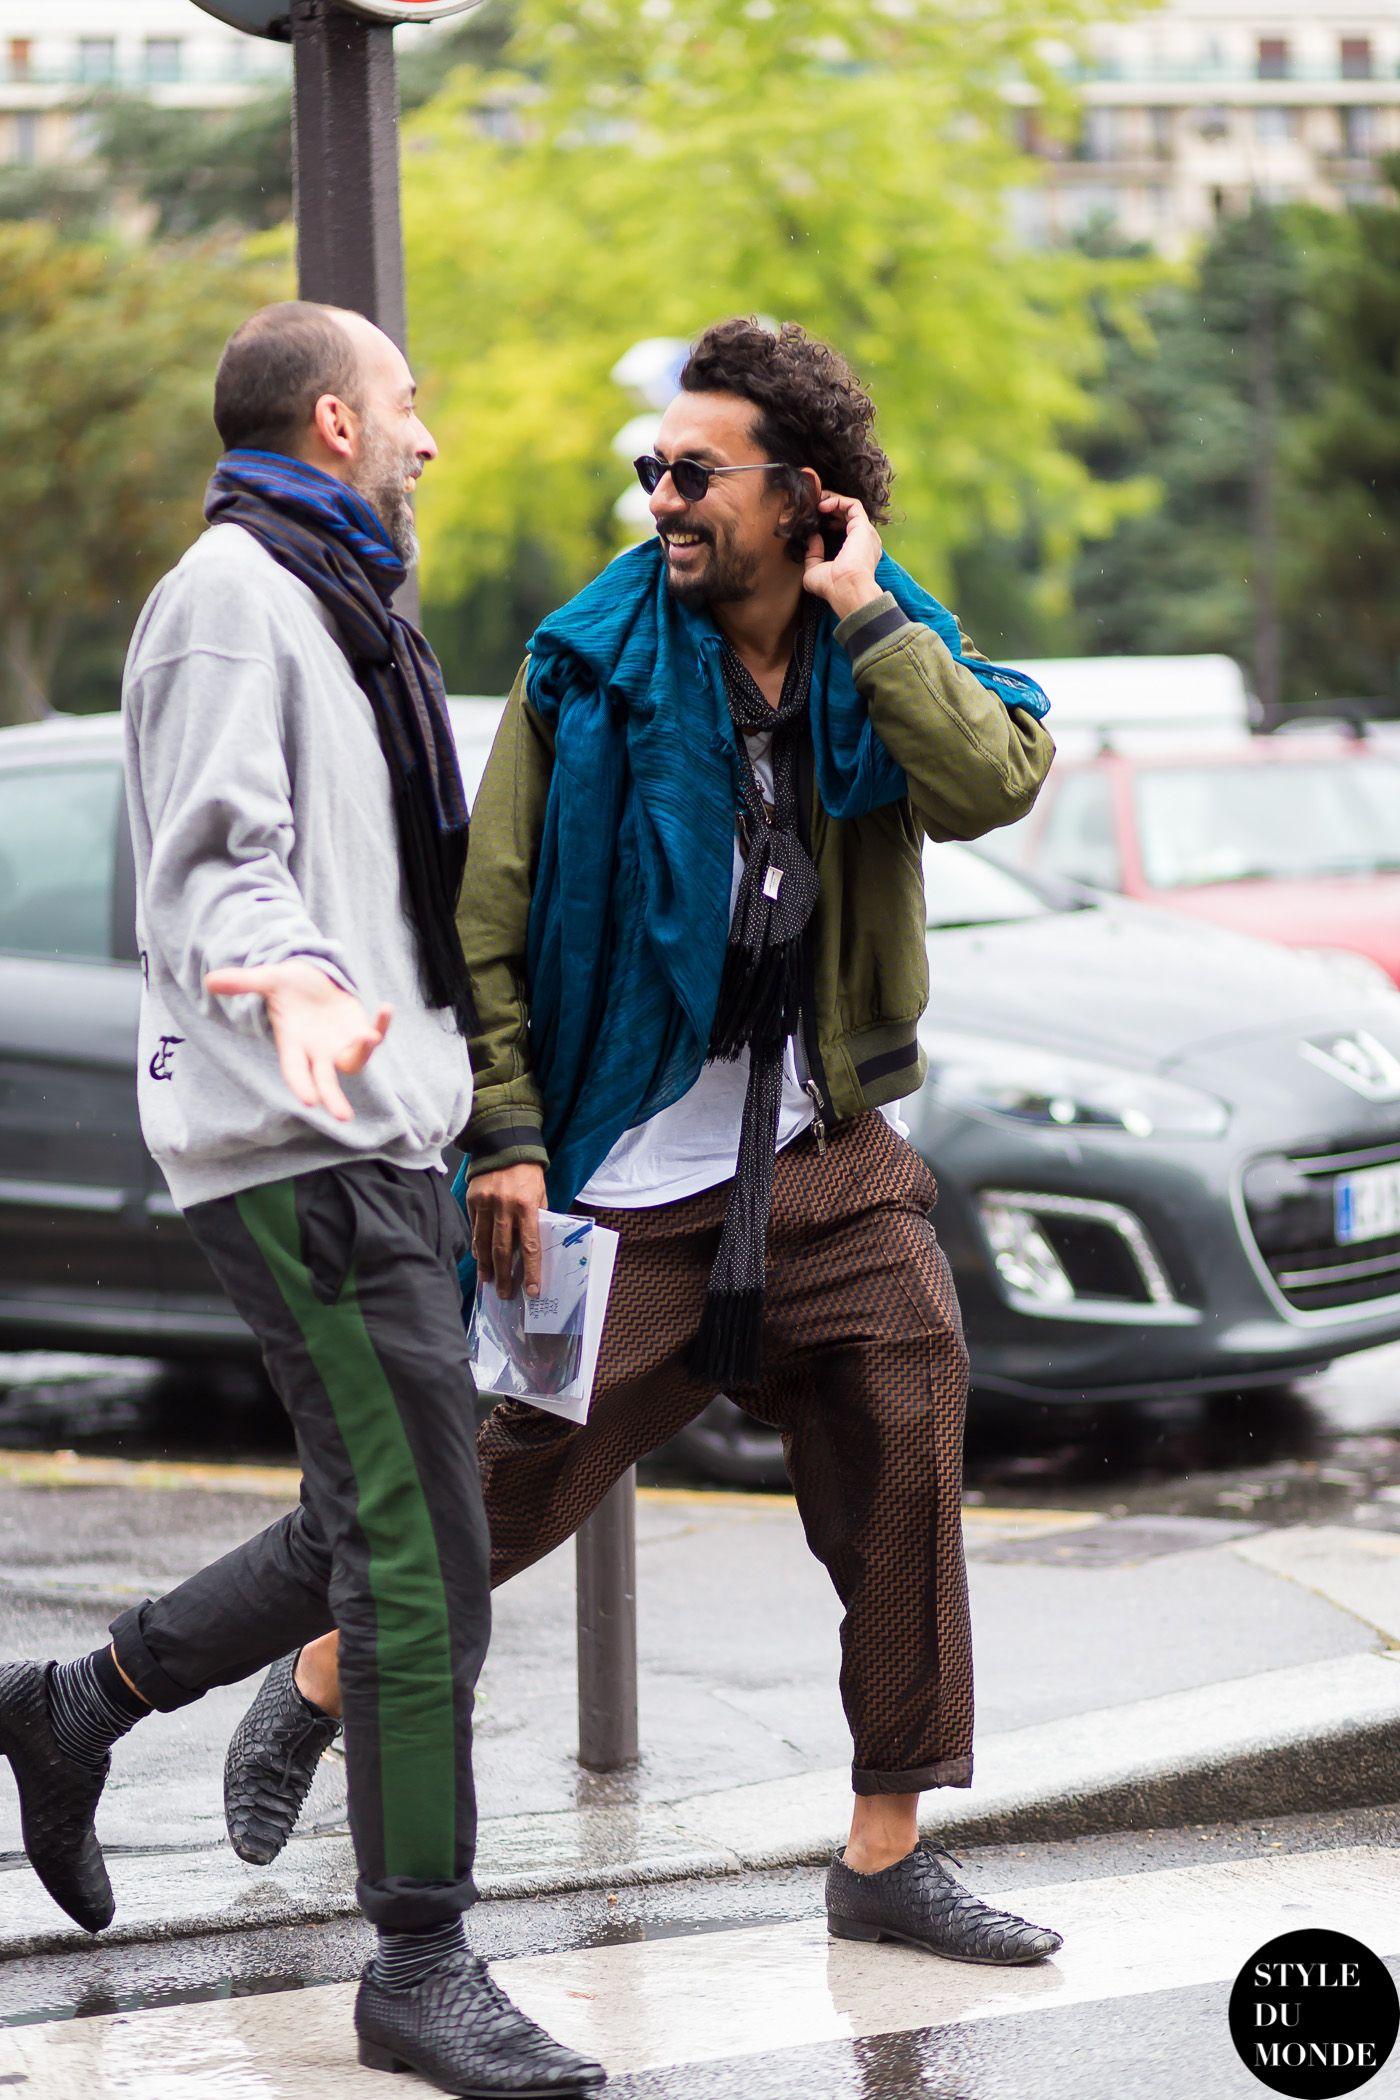 Paris Men's Fashion Week Spring 2015 Street Style: Haider Ackermann - STYLE DU MONDE   Street Style Street Fashion Photos